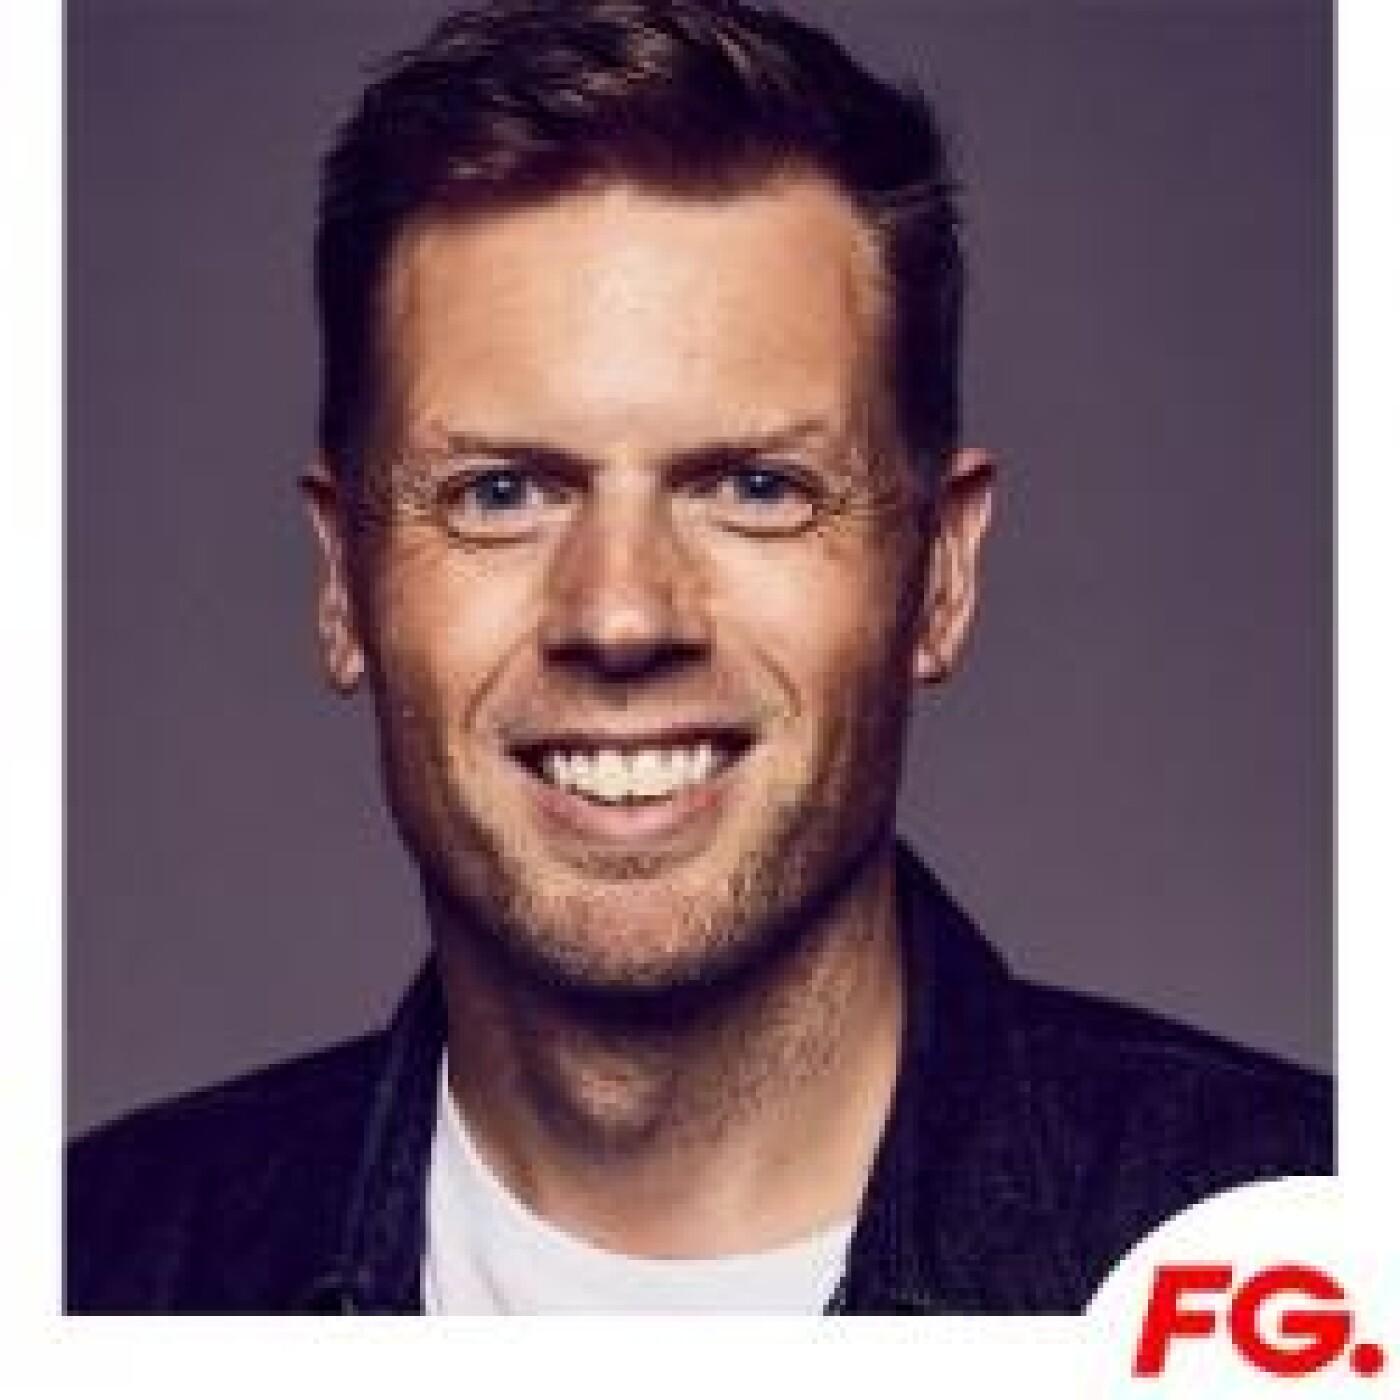 CLUB FG : KEVIN MCKAY